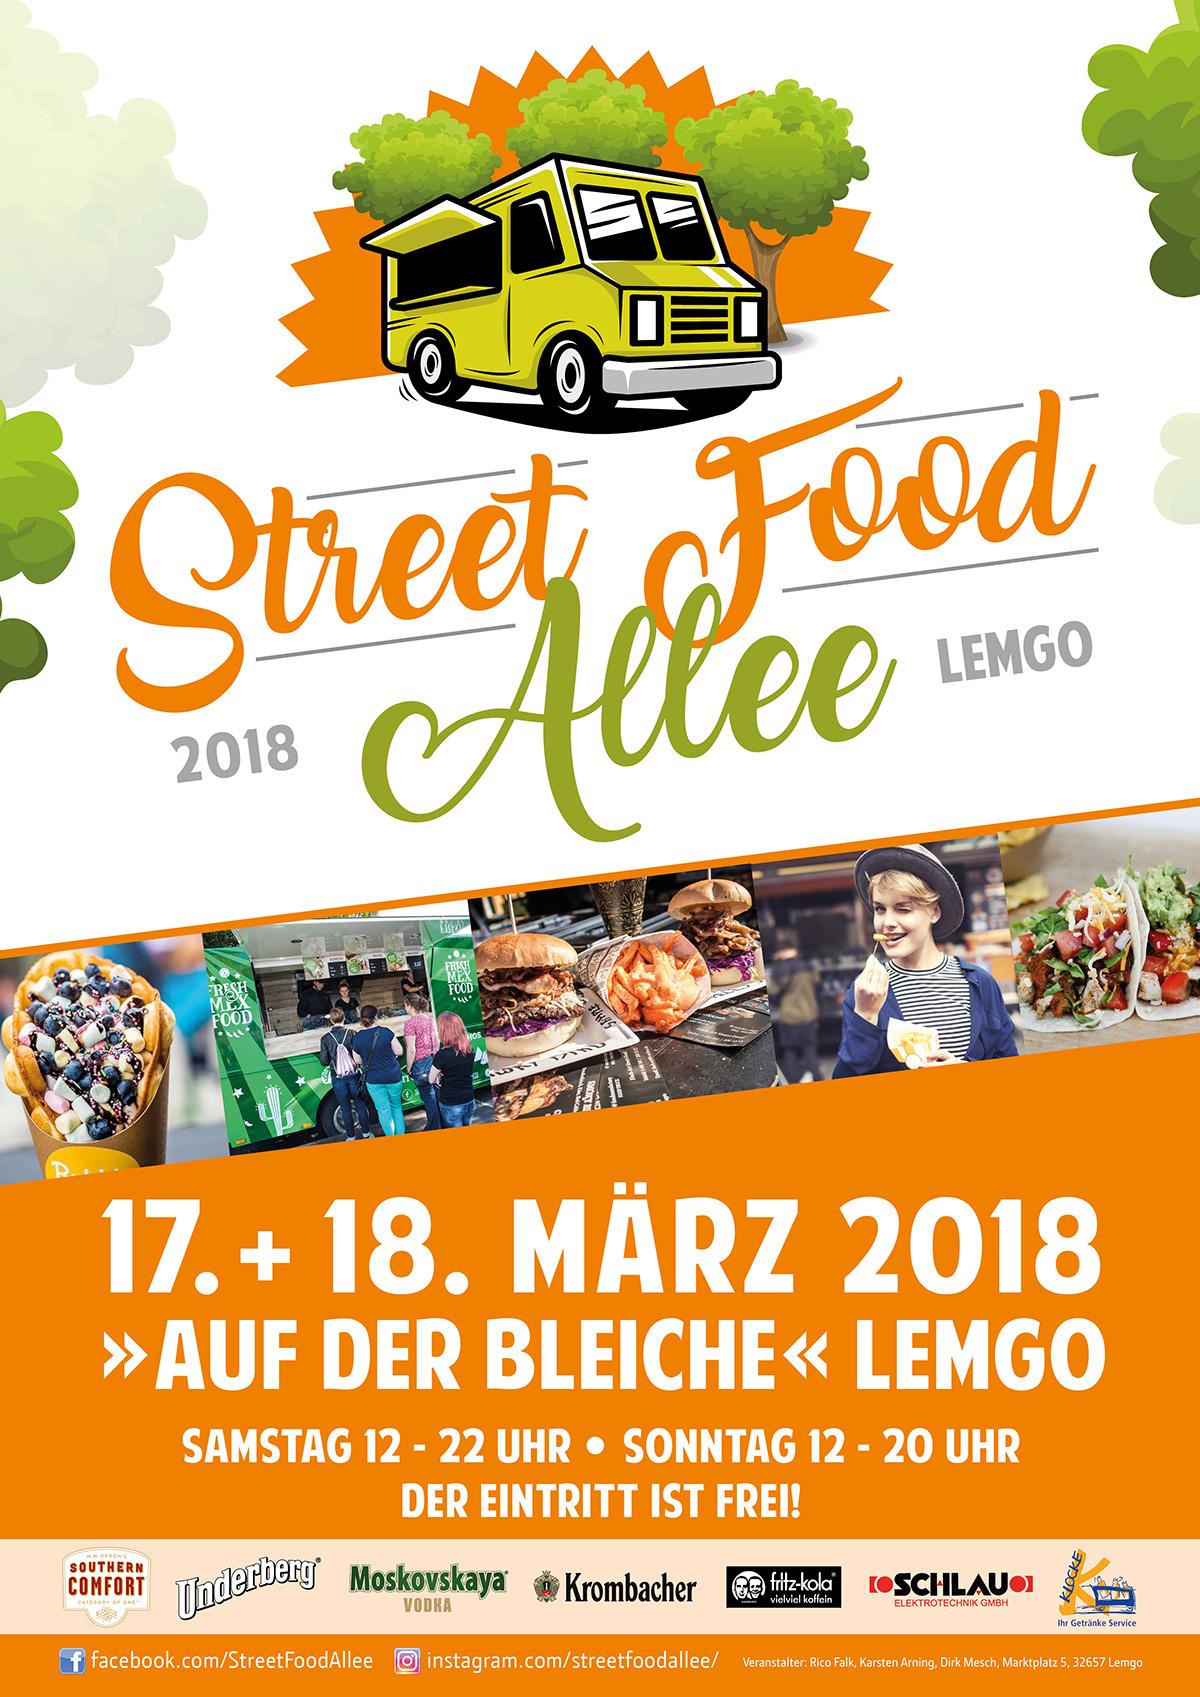 Street Food Allee Entert Erneut Die Bleiche Lippe News